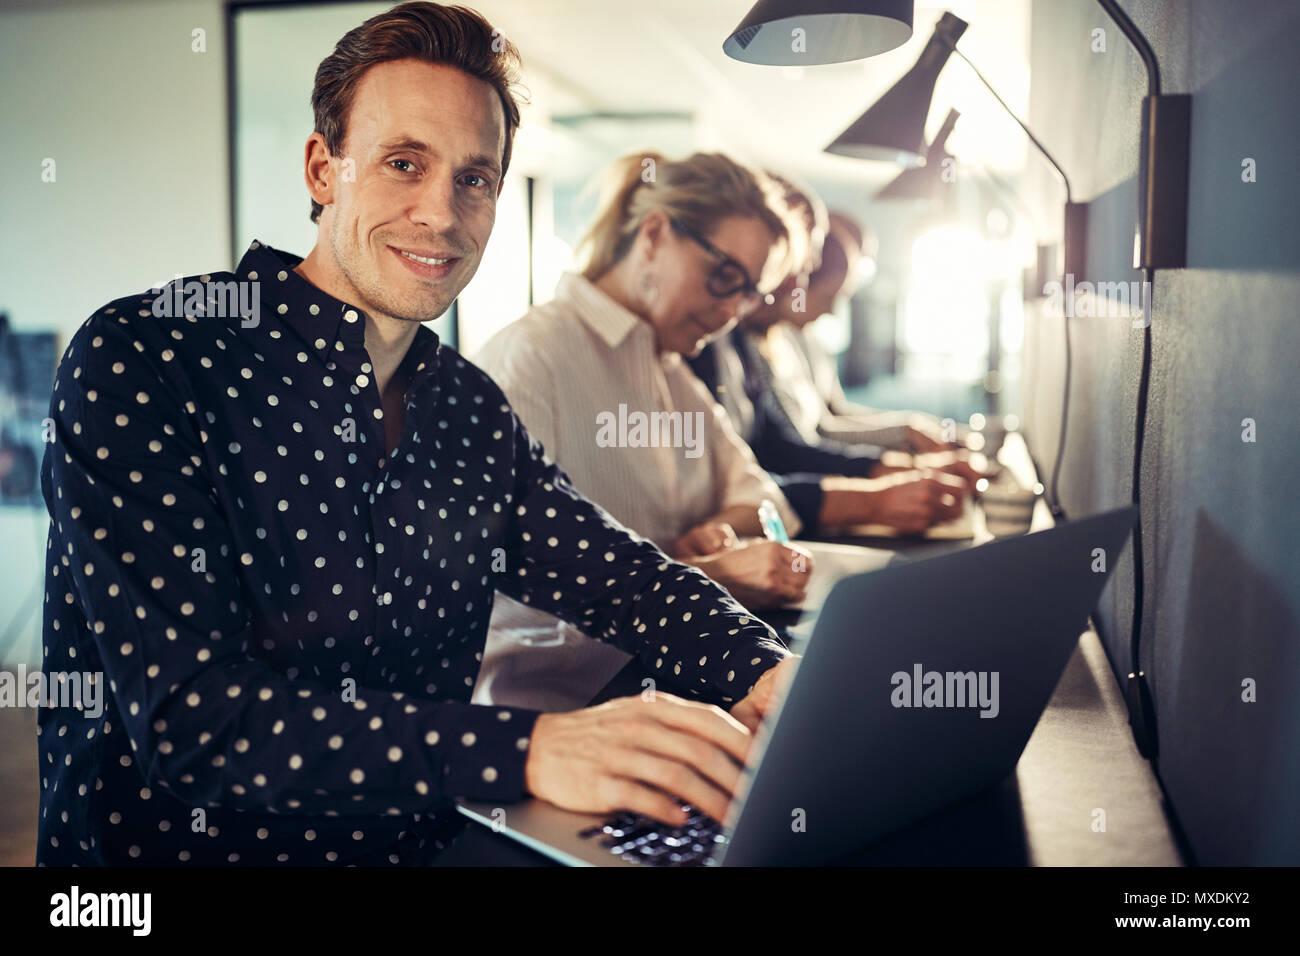 Smiling young designer travaillant sur un ordinateur portable tout en étant assis dans une rangée avec des collègues à une table dans un bureau moderne Photo Stock